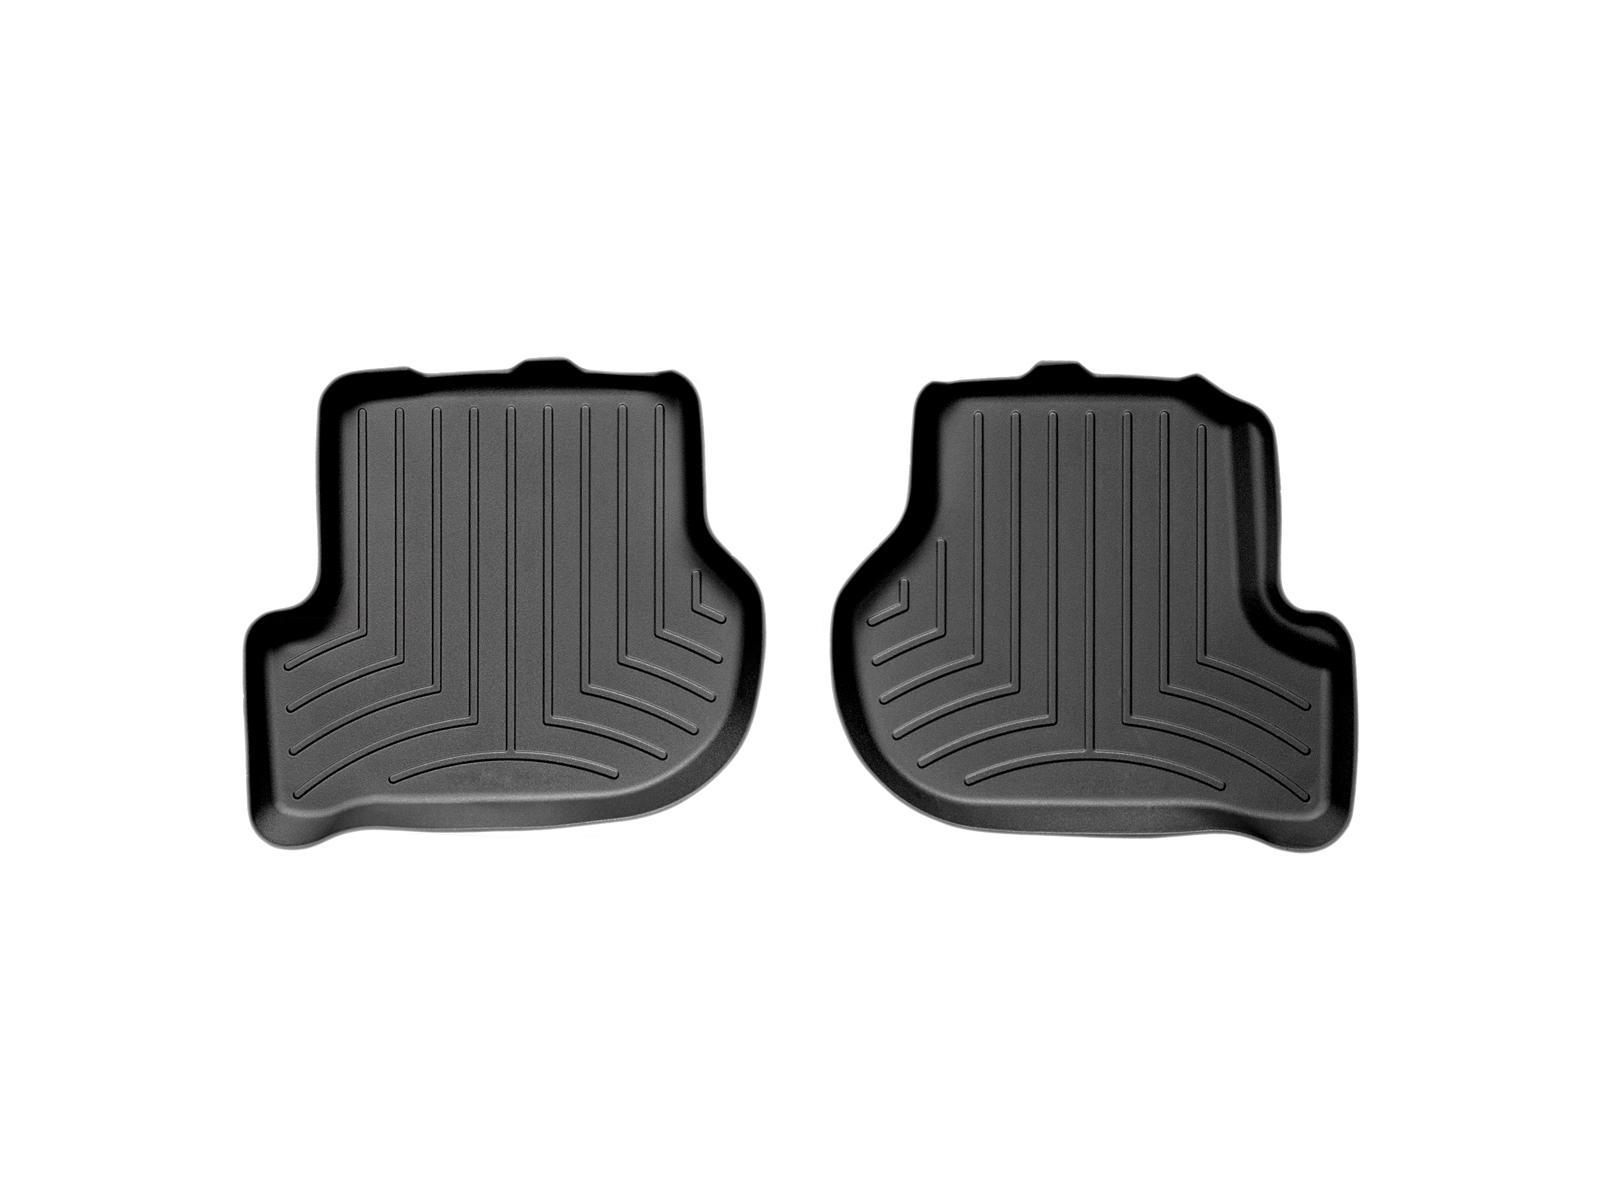 Tappeti gomma su misura bordo alto Volkswagen Scirocco 08>15 Nero A4260*